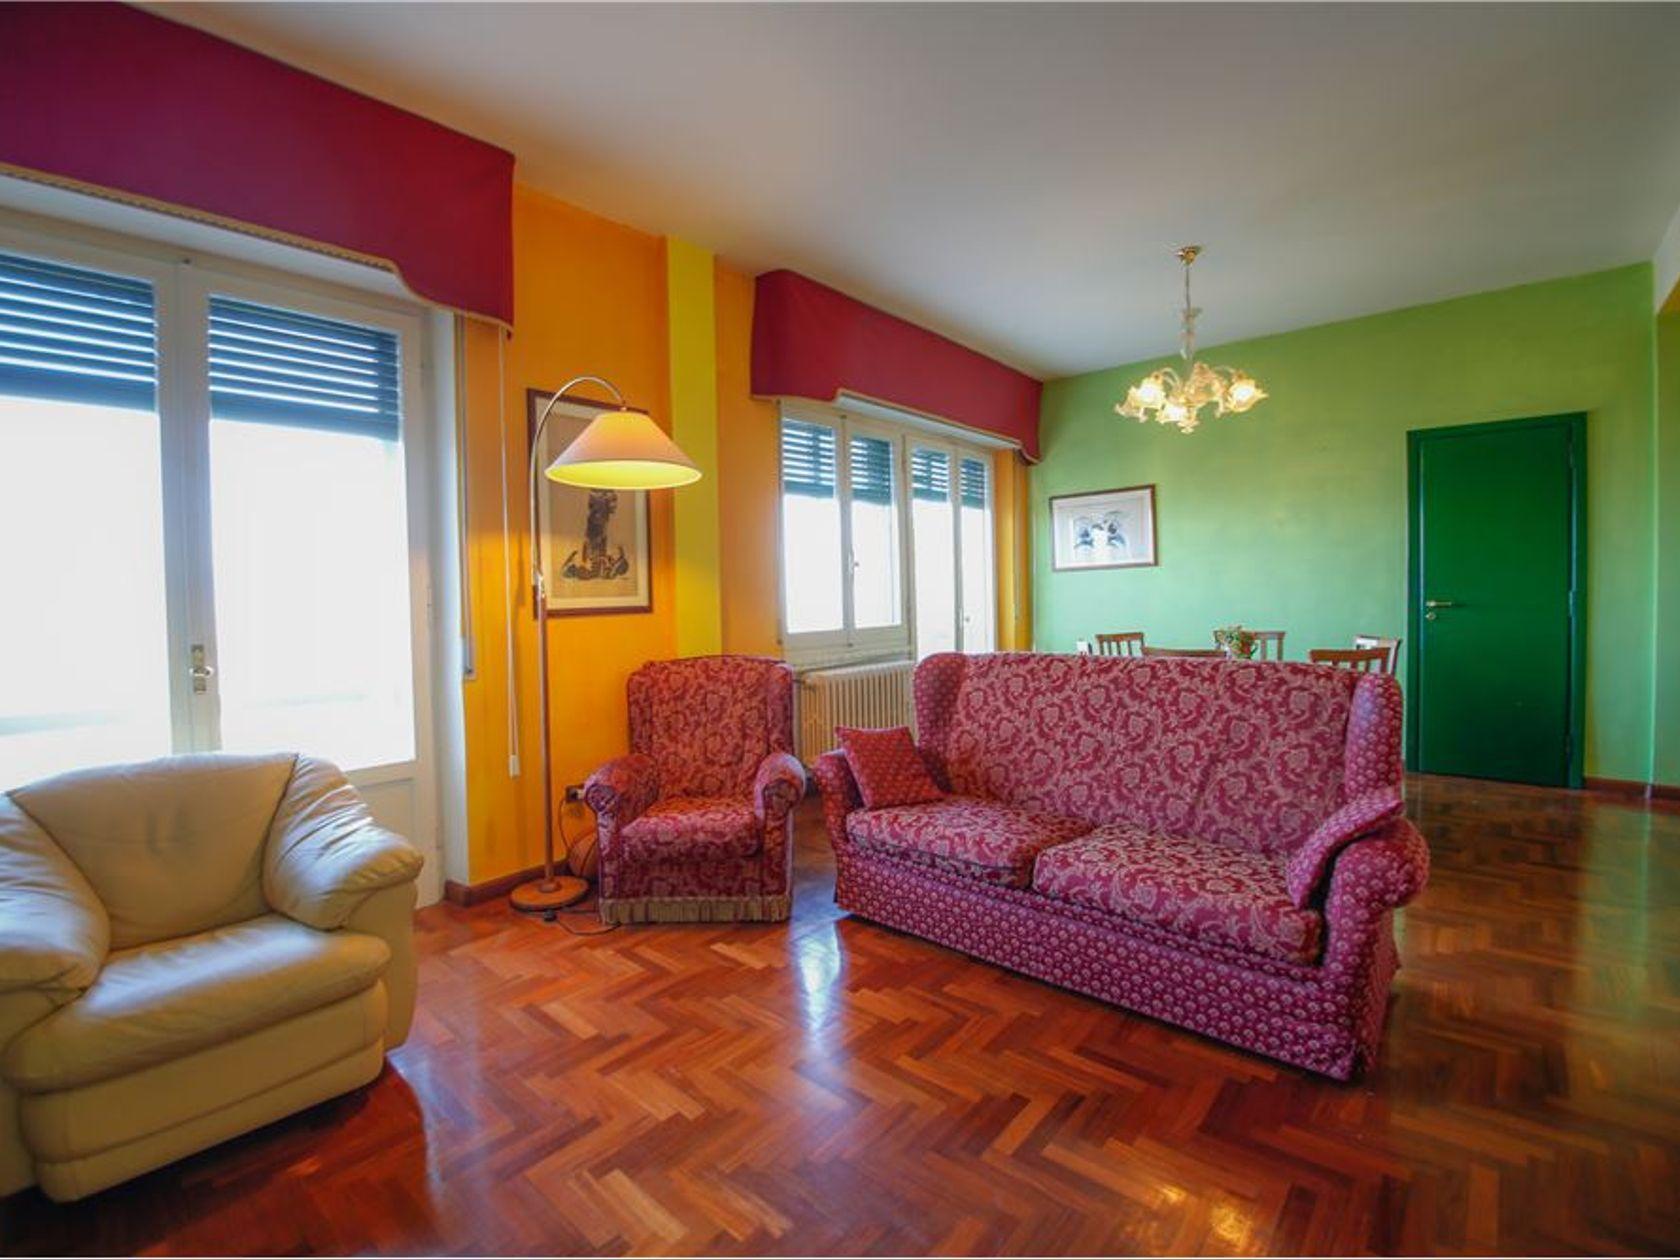 Appartamento Borgo Marfisi, Chieti, CH Vendita - Foto 3